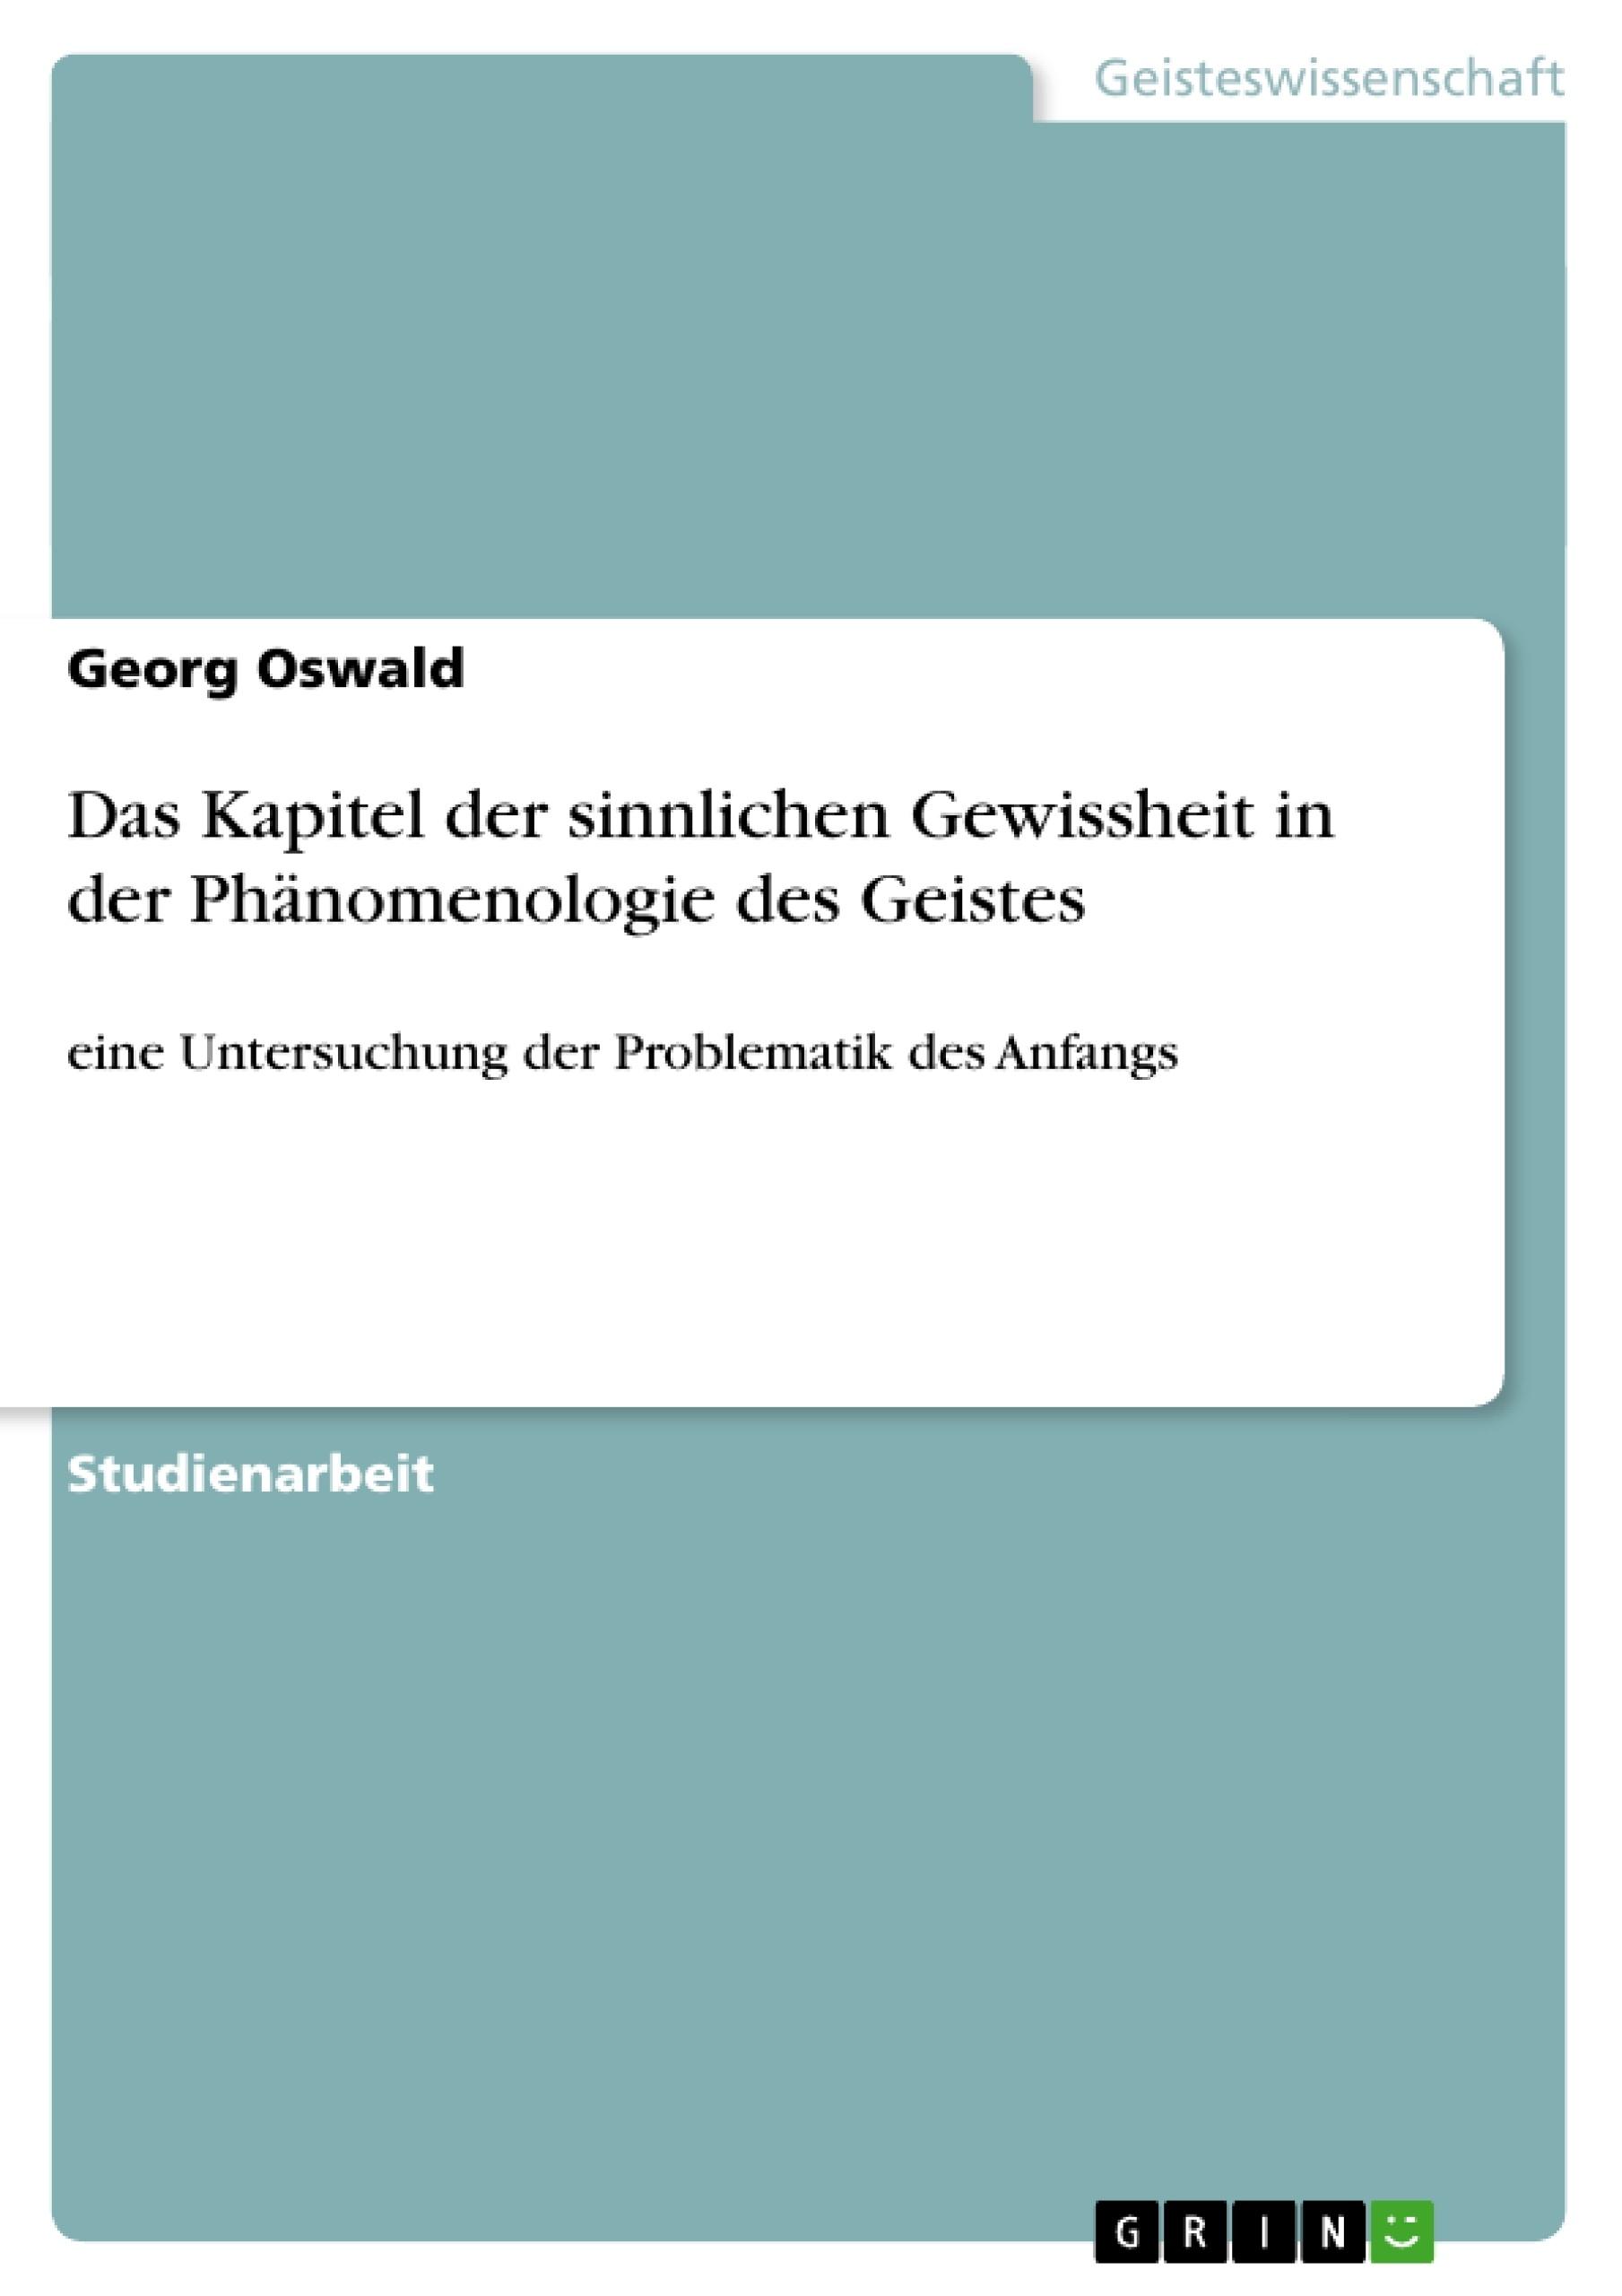 Titel: Das Kapitel der sinnlichen Gewissheit in der Phänomenologie des Geistes